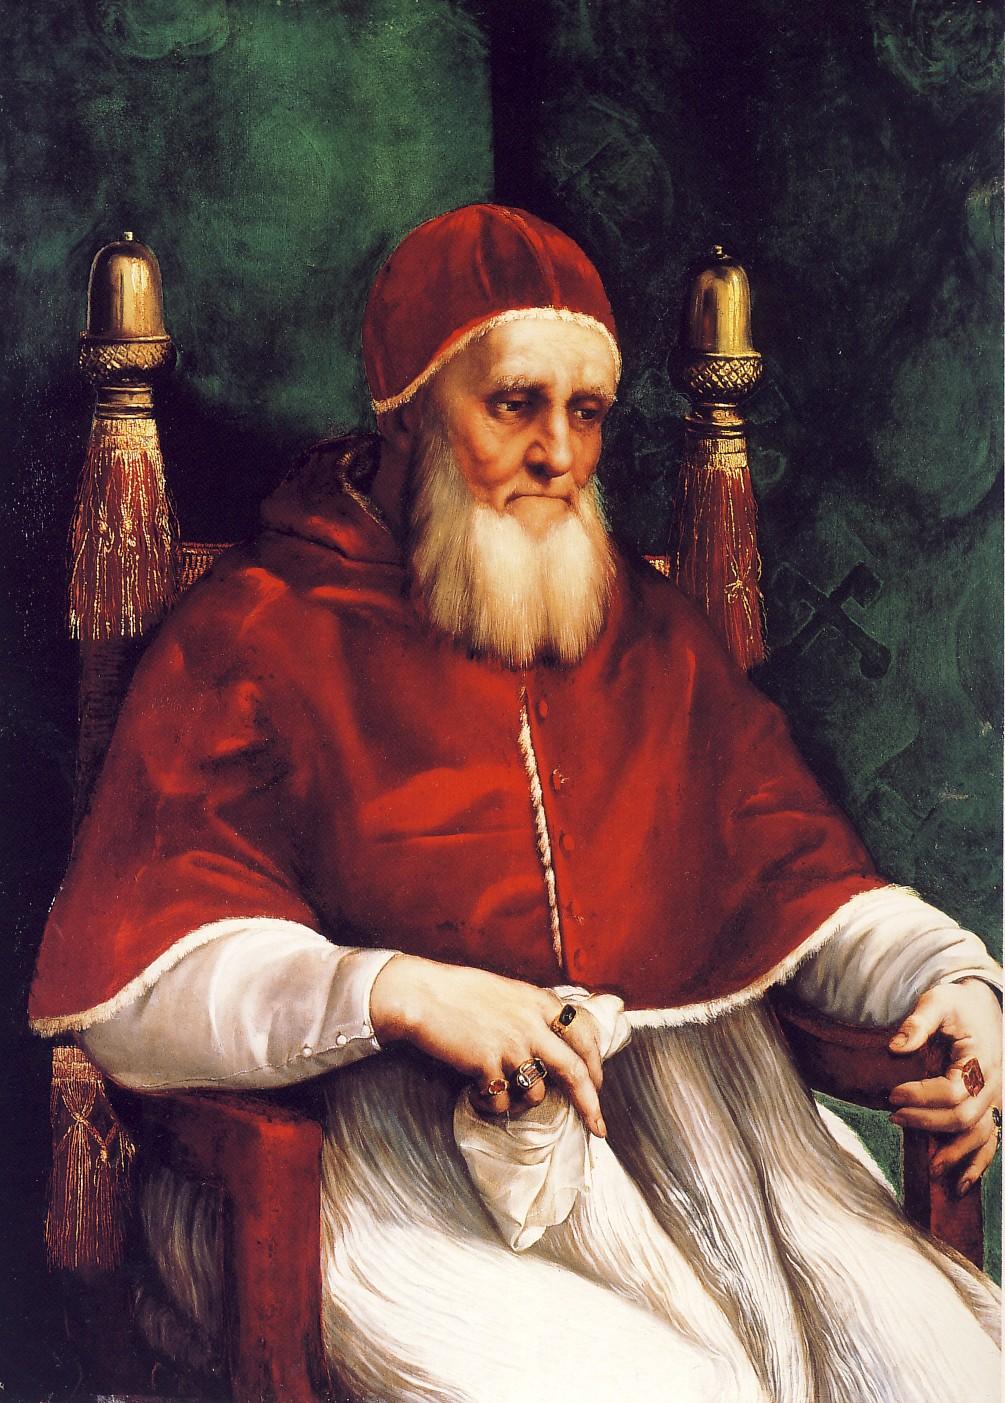 """RAFFAELLO SANZIO, Ritratto di Giulio II, 1511-1512, olio su tavola, cm 108 x 80, Londra, National Gallery Giuliono della Rovere, nato ad Albisola Superiore il 5 dicembre 1443, morì il 21 febbraio 1513. Conosciuto come """"Il Papa guerriero"""", fu uno dei più grandi pontefici del Rinascimento."""